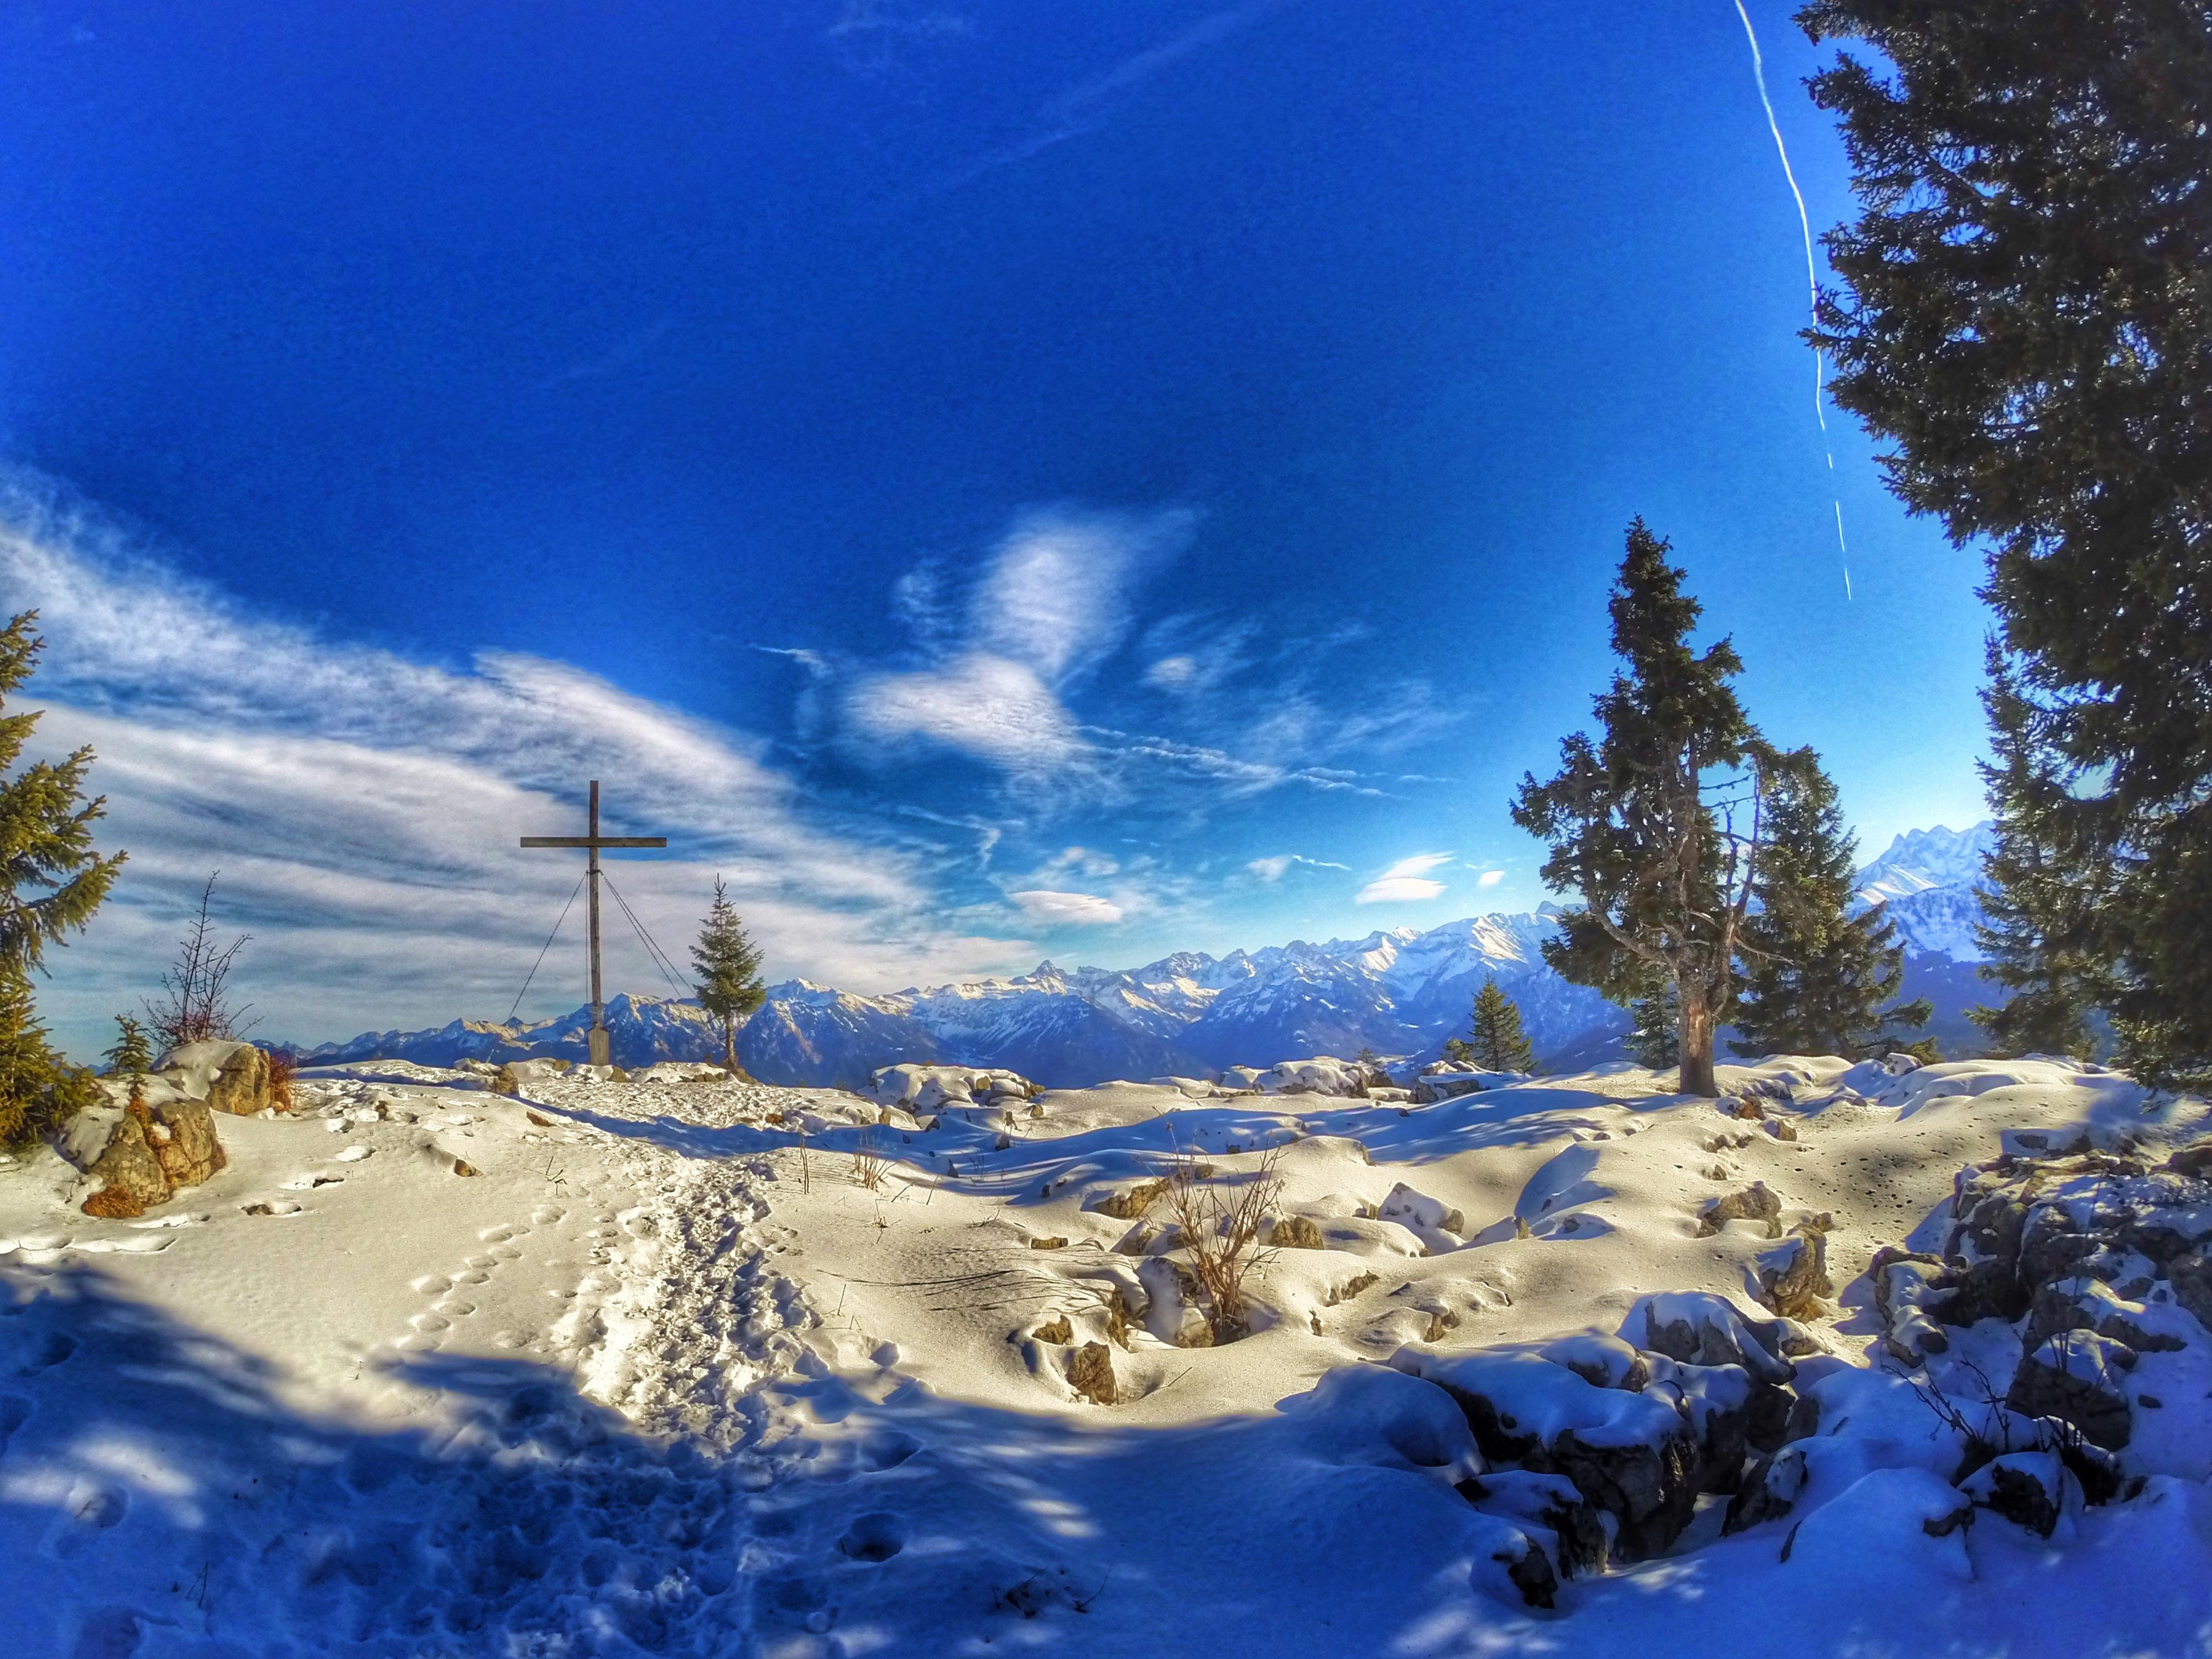 Klettersteig Besler : Leichter klettersteig u besler runde von oa bergtour komoot